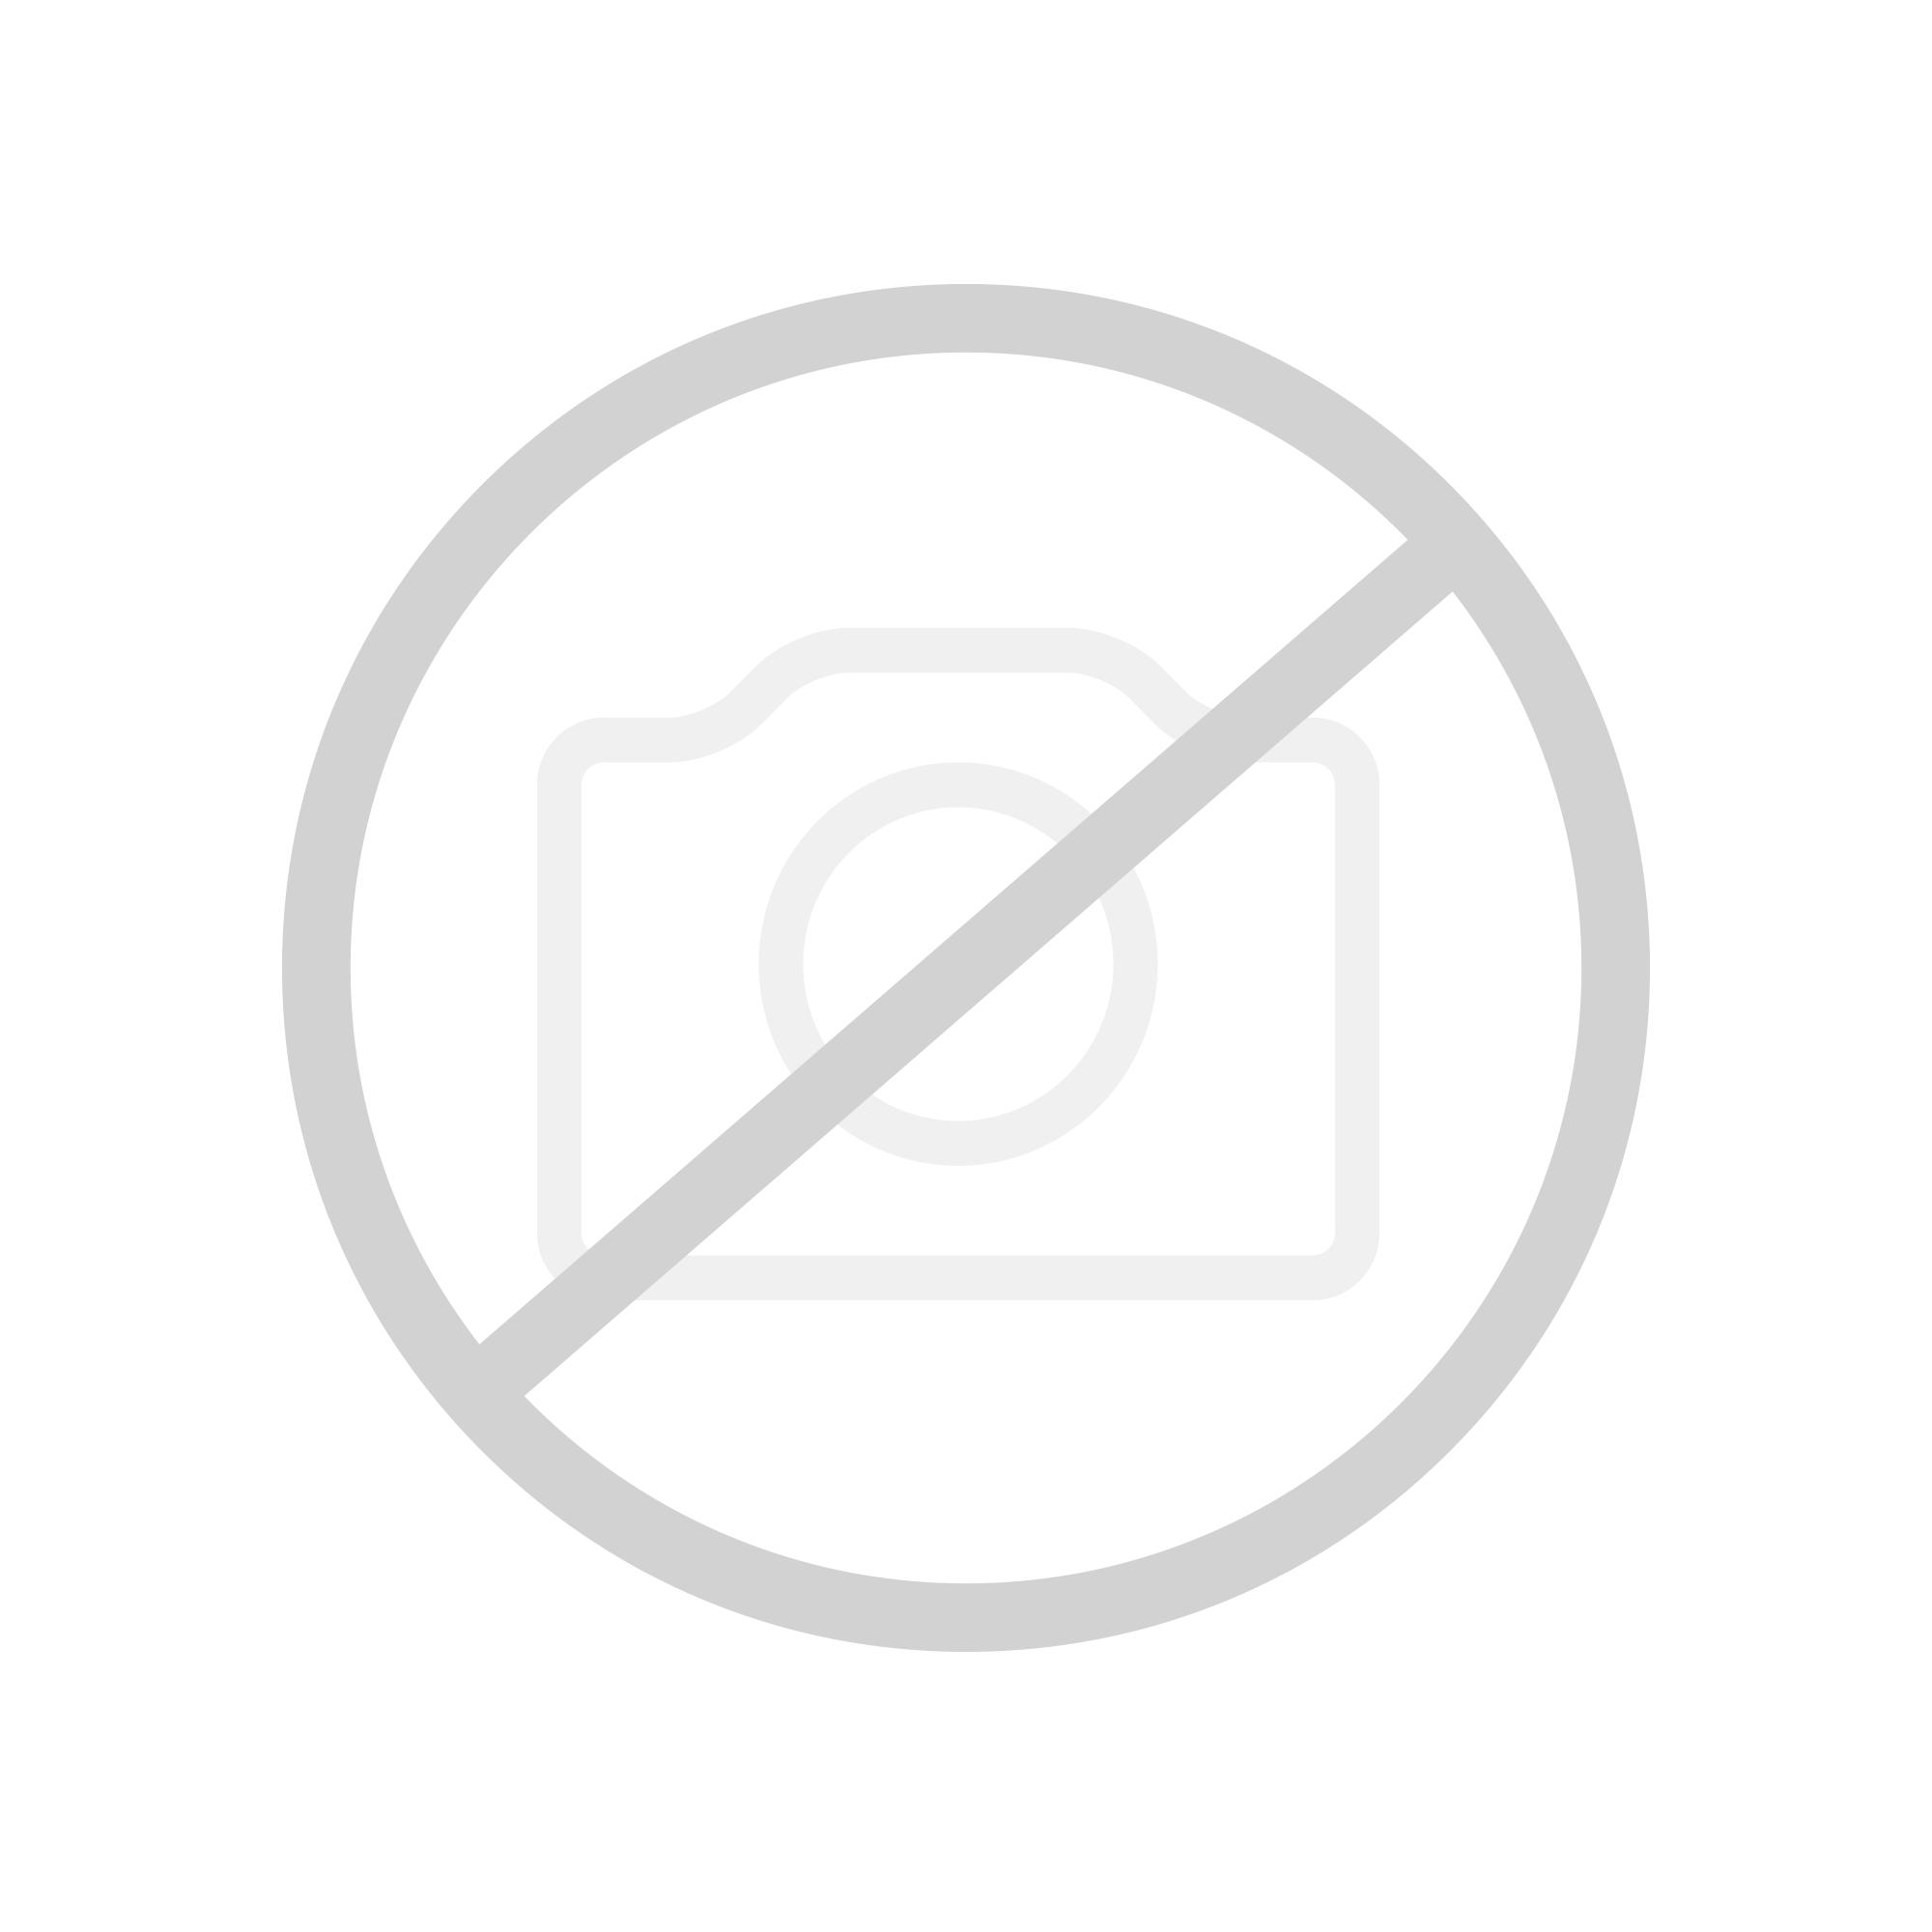 louis poulsen NJP LED Wandleuchte long mit Dimmer und Zuleitung